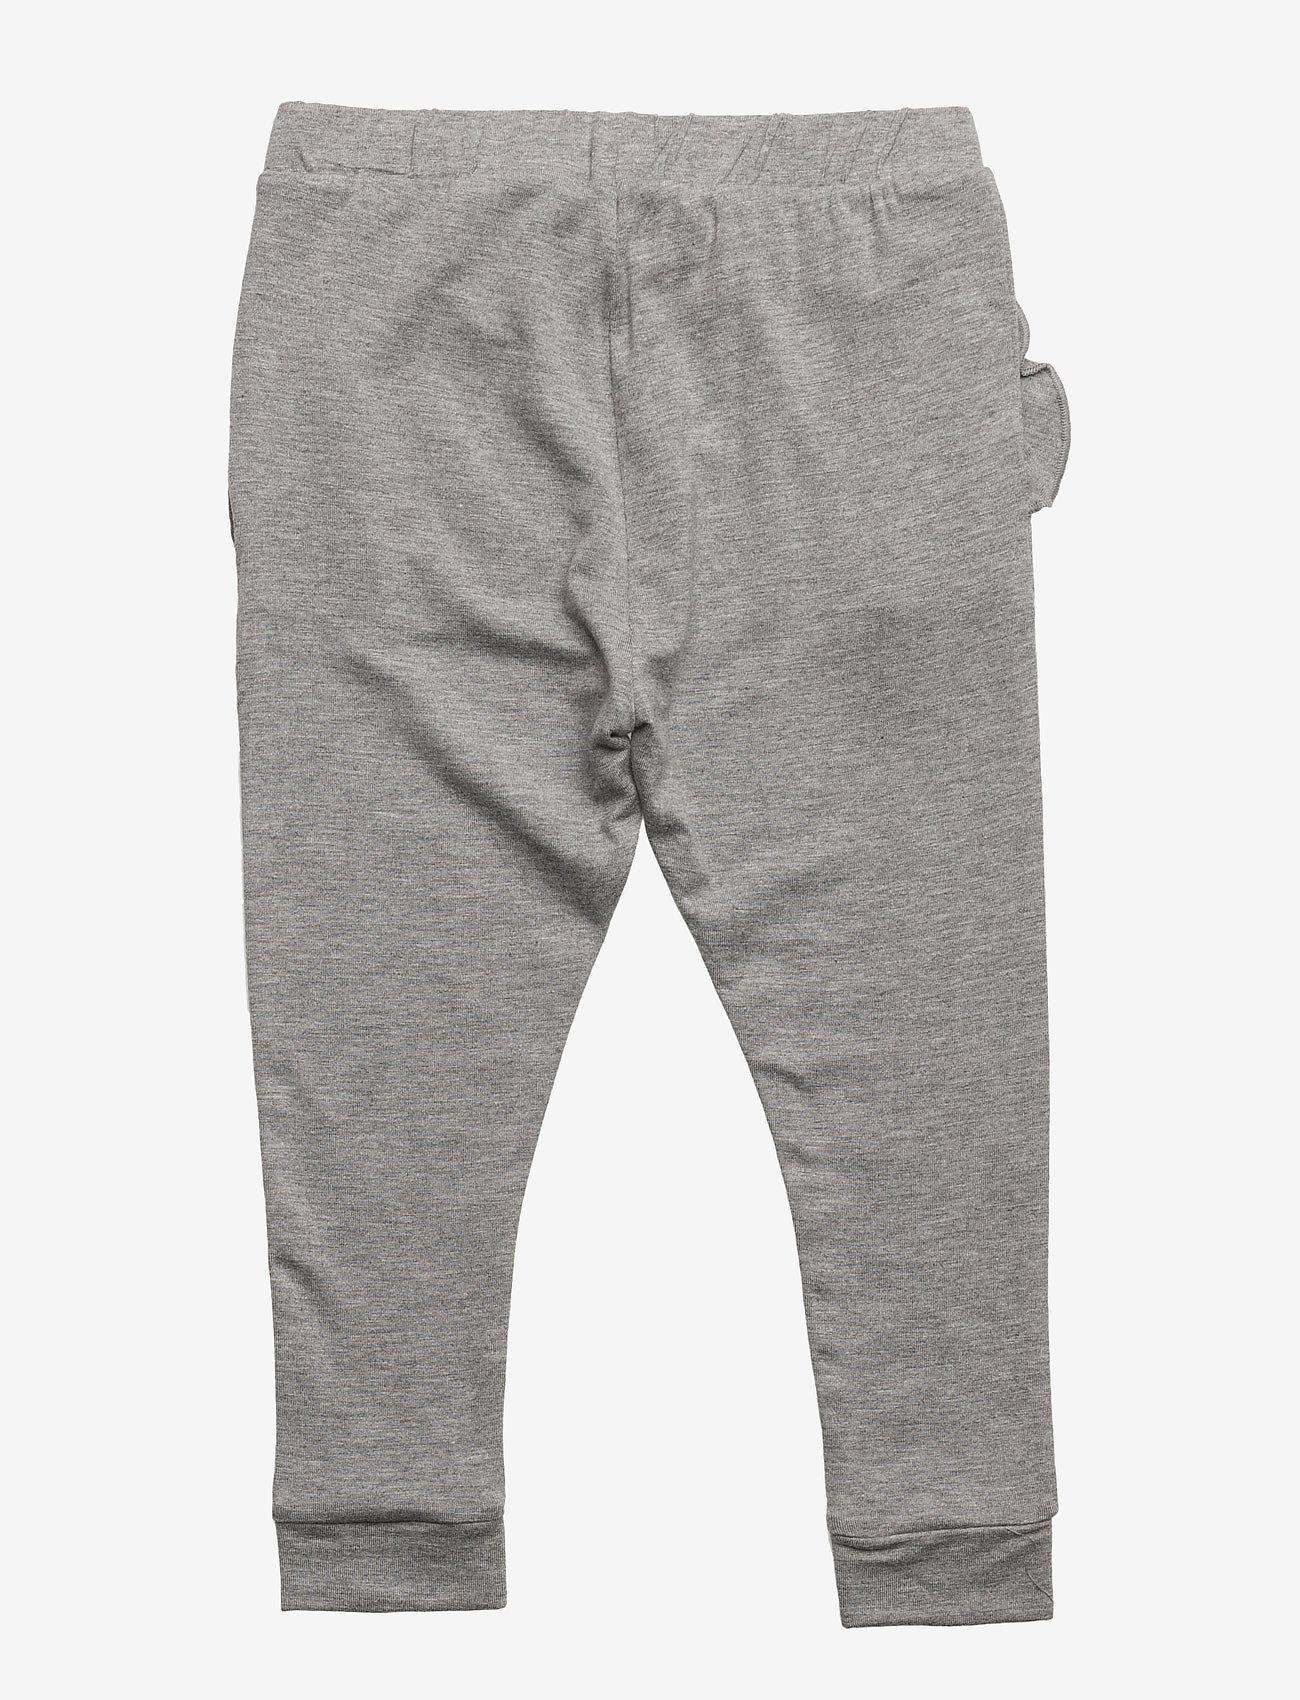 Petit by Sofie Schnoor - Pants - pantalons - grey melange - 1